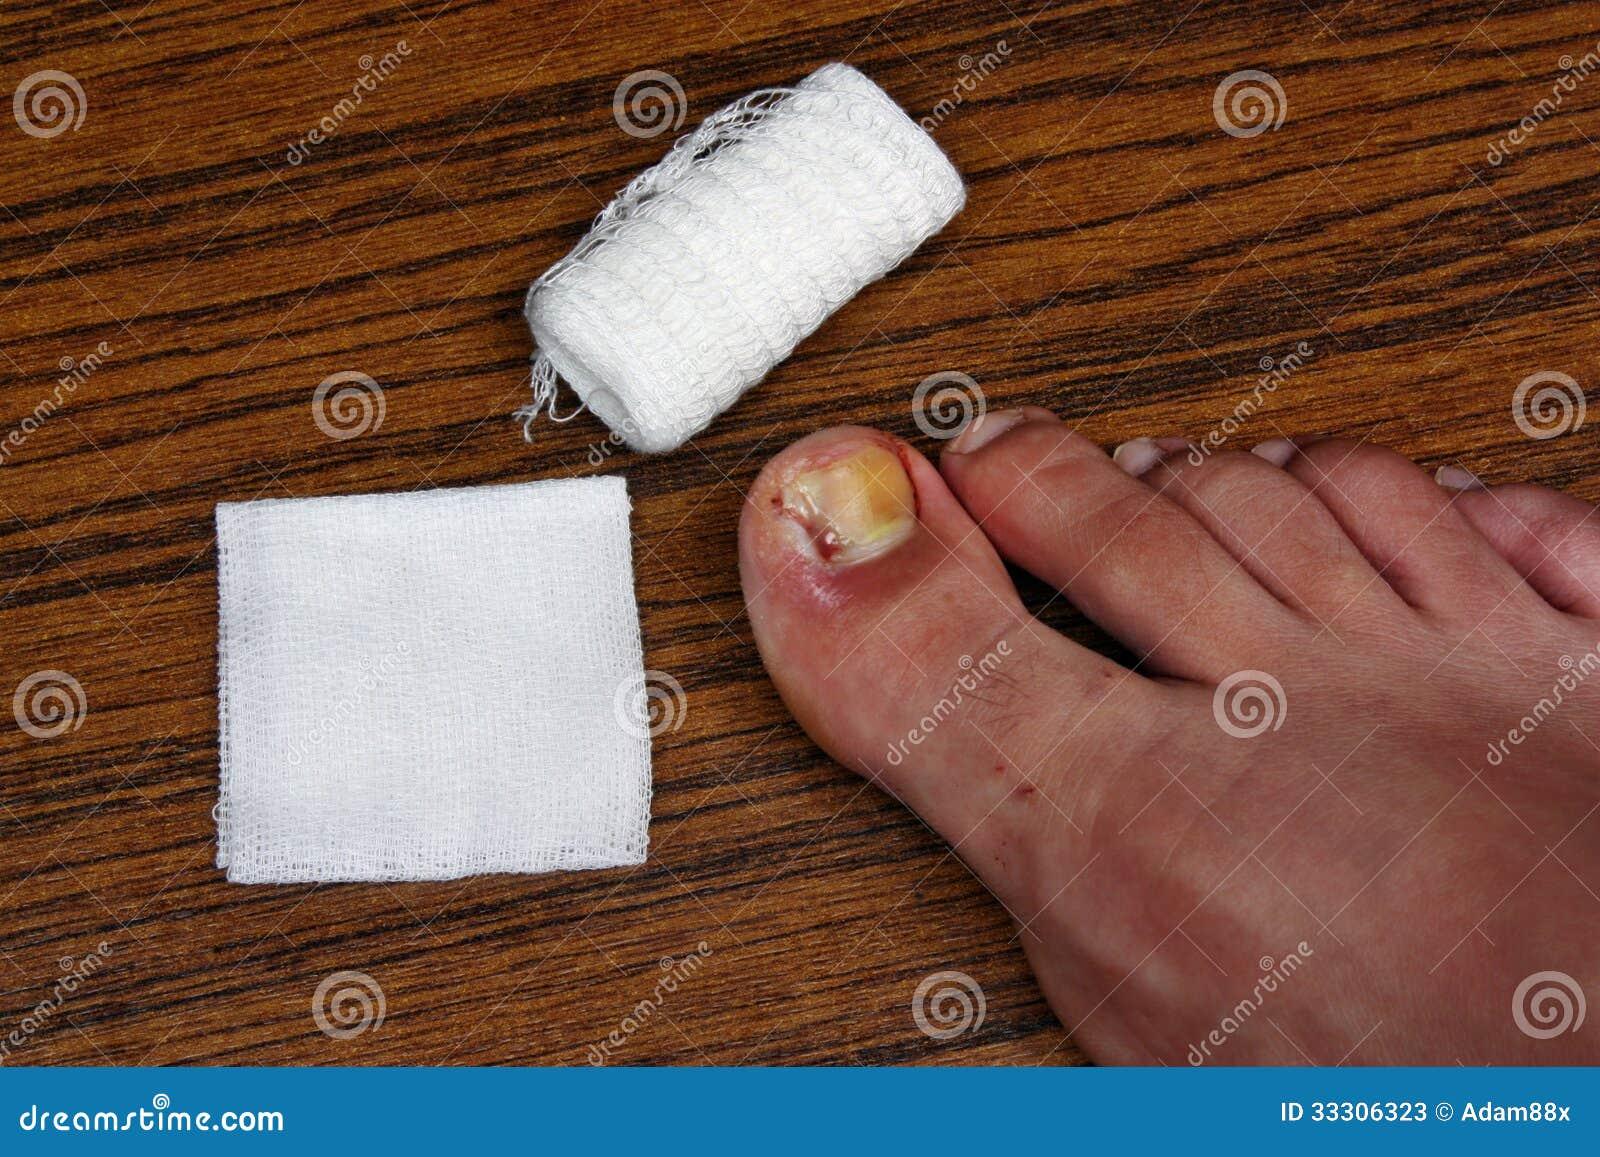 Badly Infected Ingrown Toenail removal of ingrown toenail